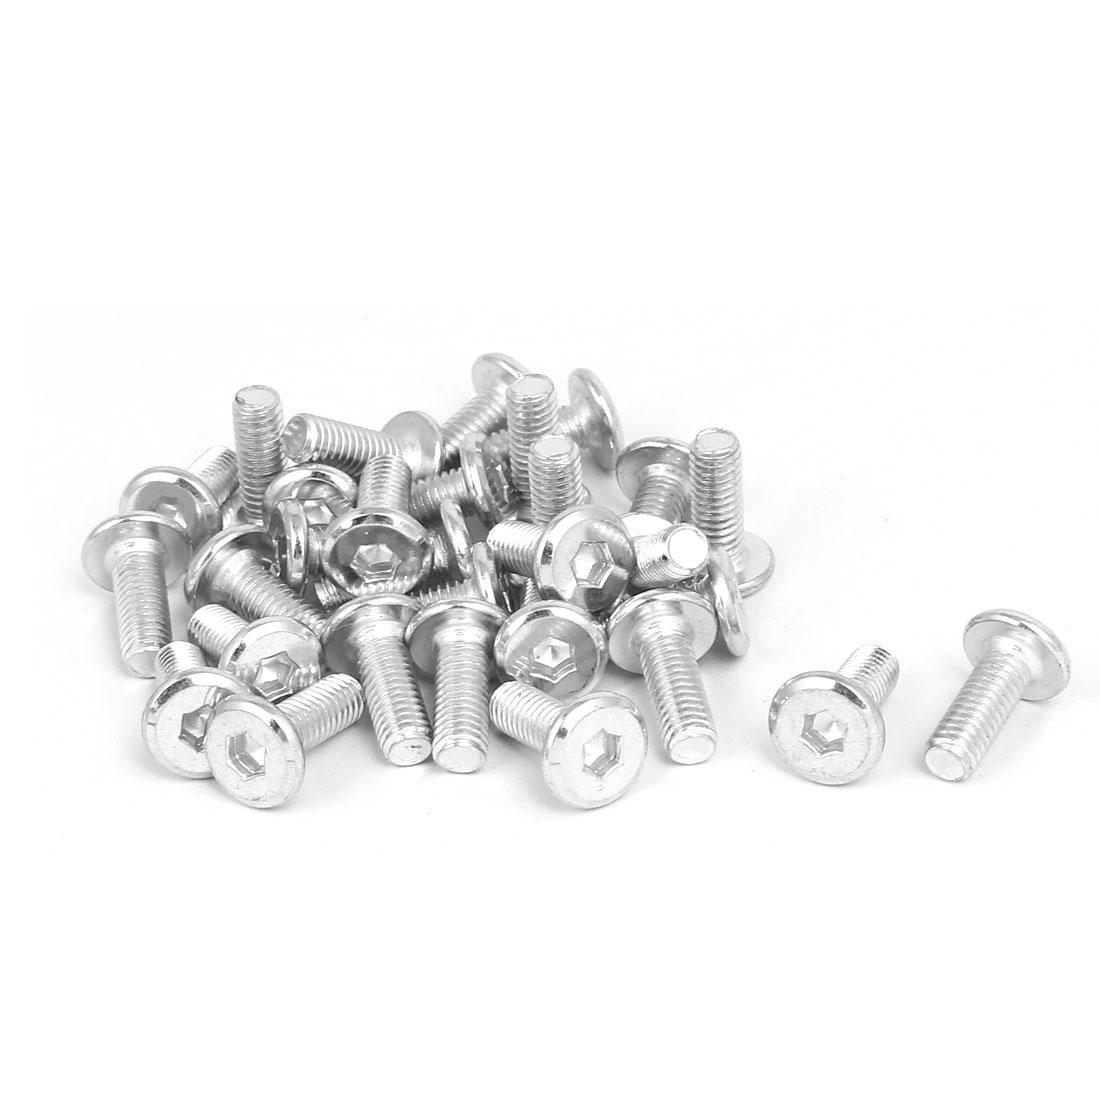 M6x15mm Metal White Zinc Plated Hex Socket Head Furniture Bolts Fastener 30pcs